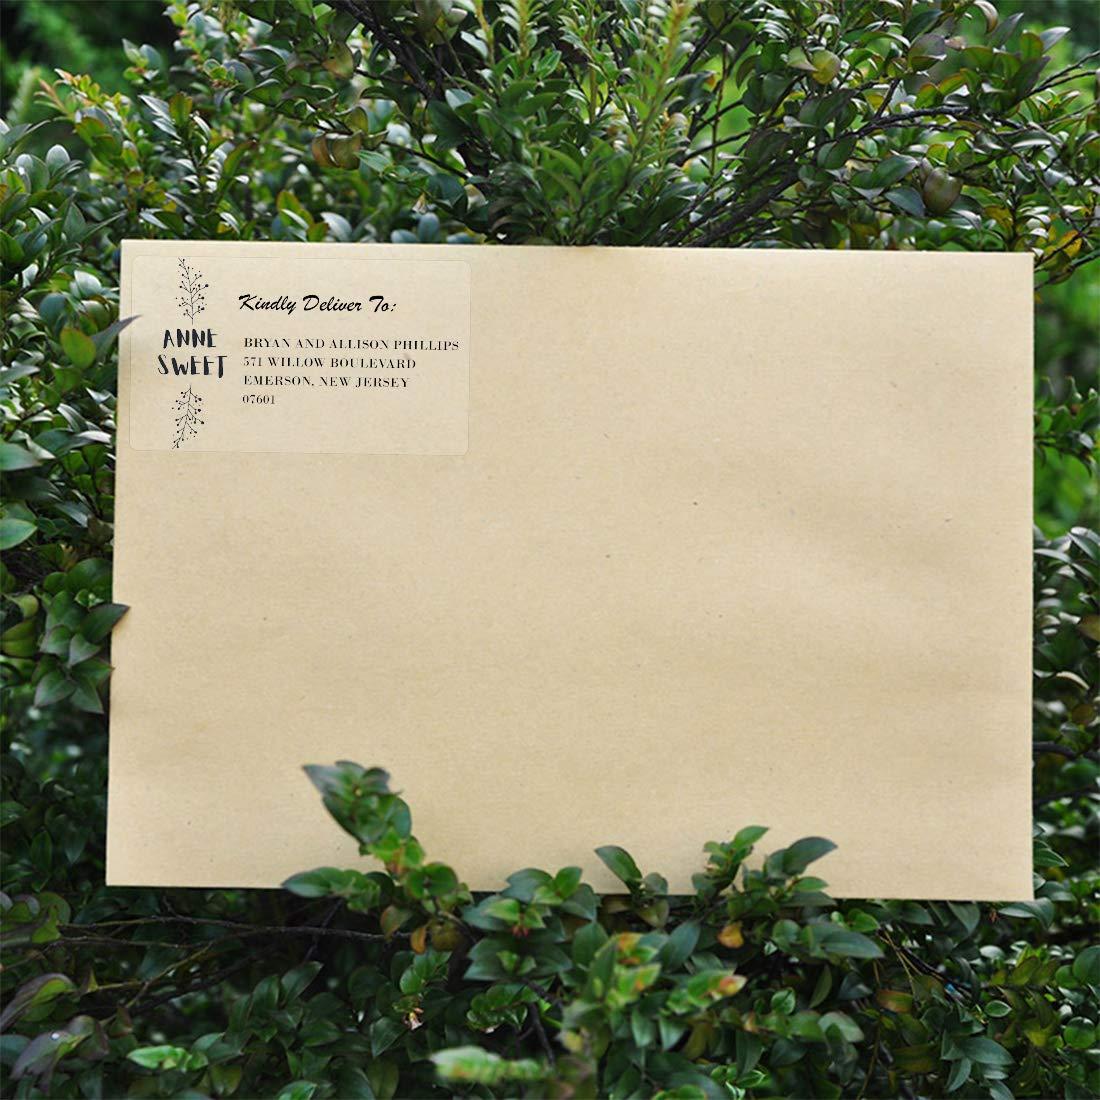 38,1 x 21,2 mm 1625 etichette per stampante a getto dinchiostro e laser impermeabili e resistenti allo strappo MR-Label Etichette per indirizzi di ritorno trasparenti per buste Barattoli